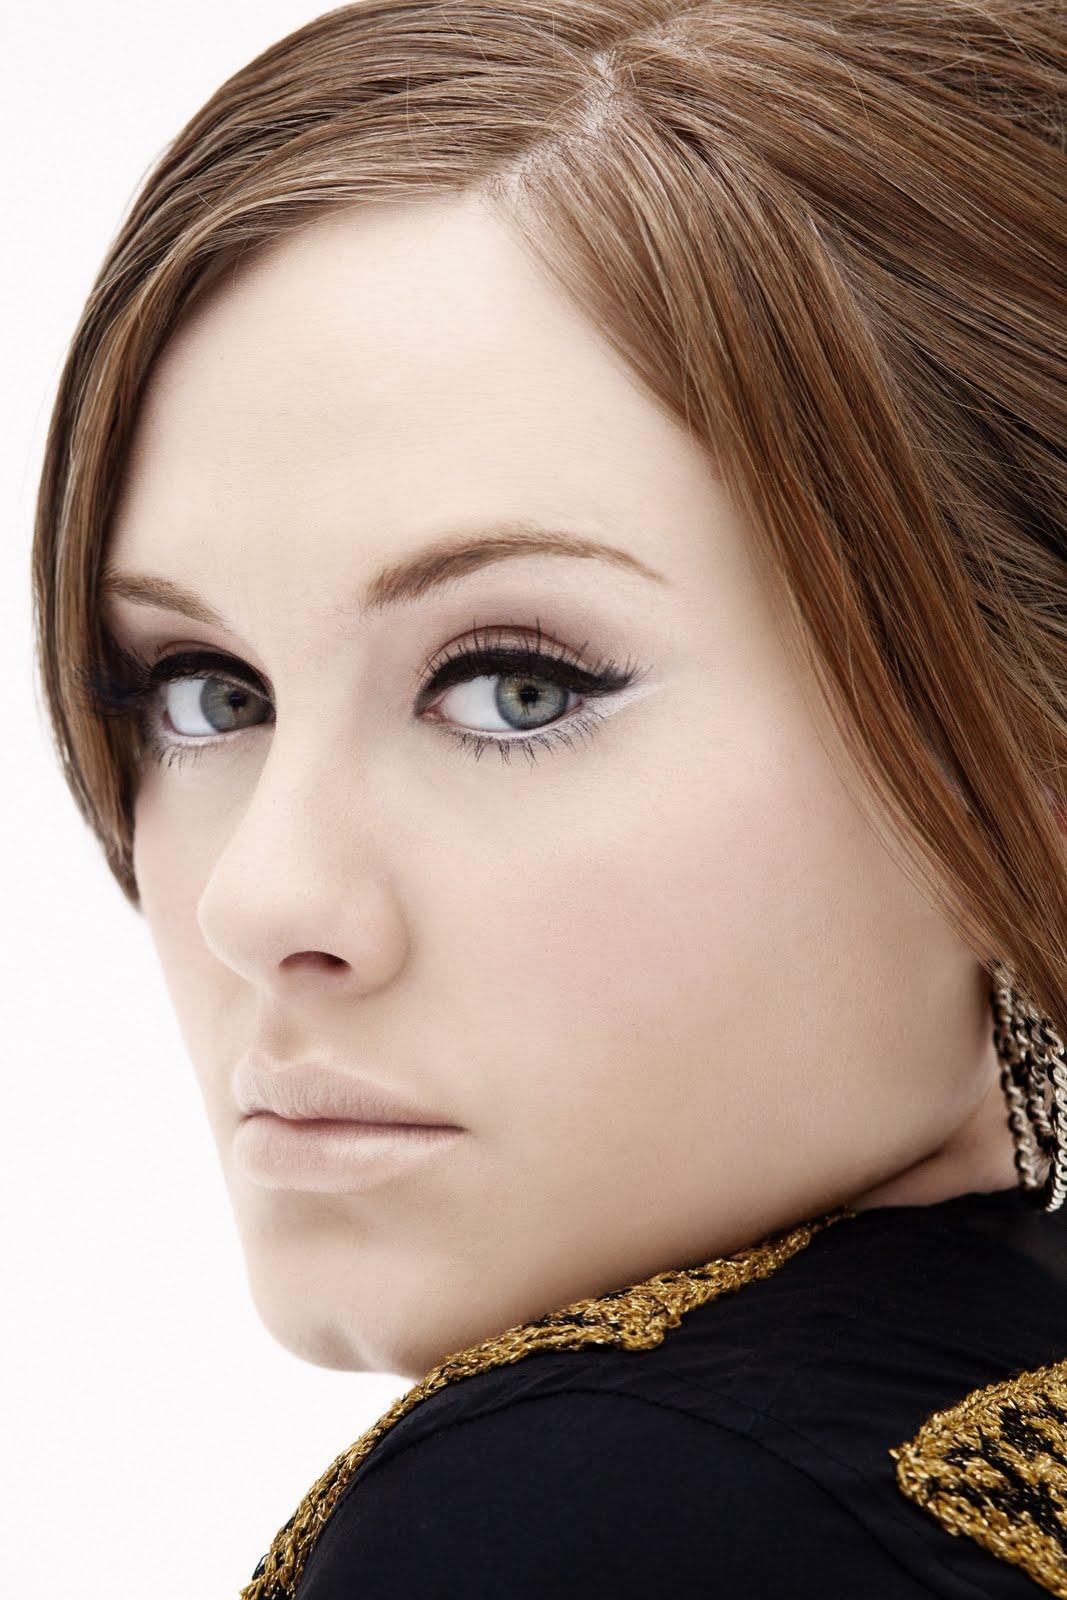 http://2.bp.blogspot.com/-zaq9aVQJolM/Tu0HILLm3mI/AAAAAAAABNg/4wMjR2voVwE/s1600/adele+makeup.jpg